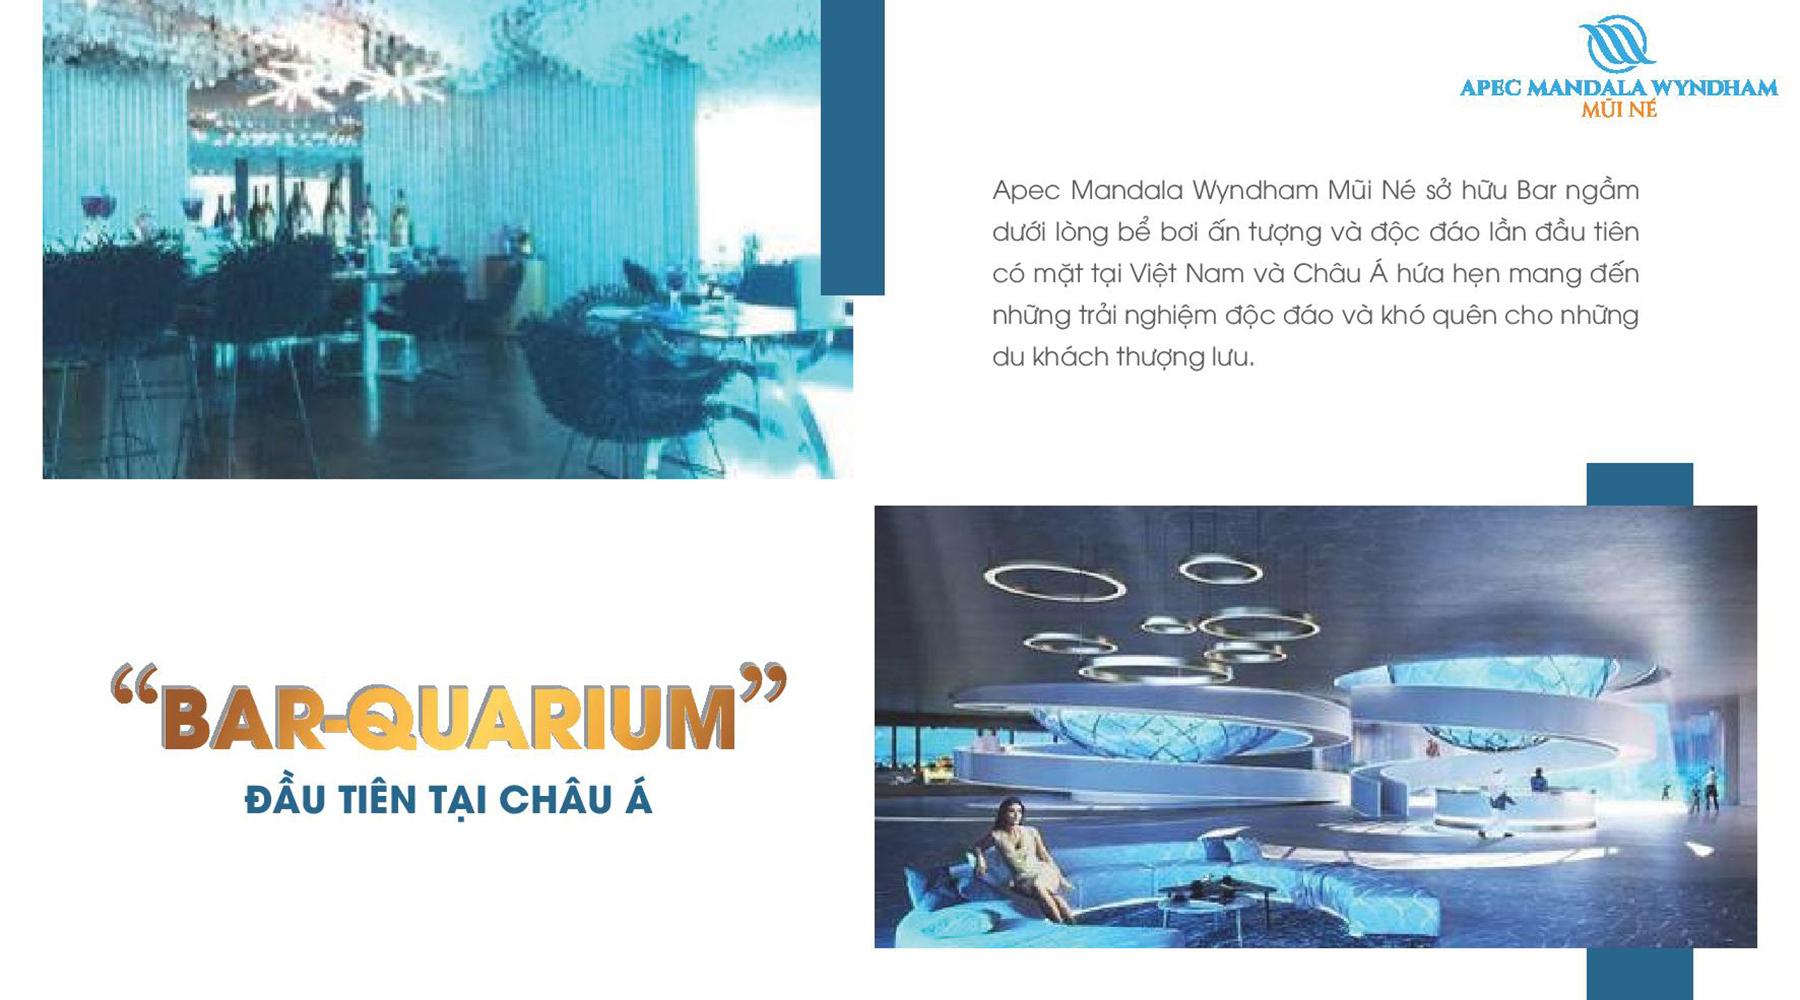 Tiện ích dự án Apec Mandala Wyndham Mũi Né Bar Quarium